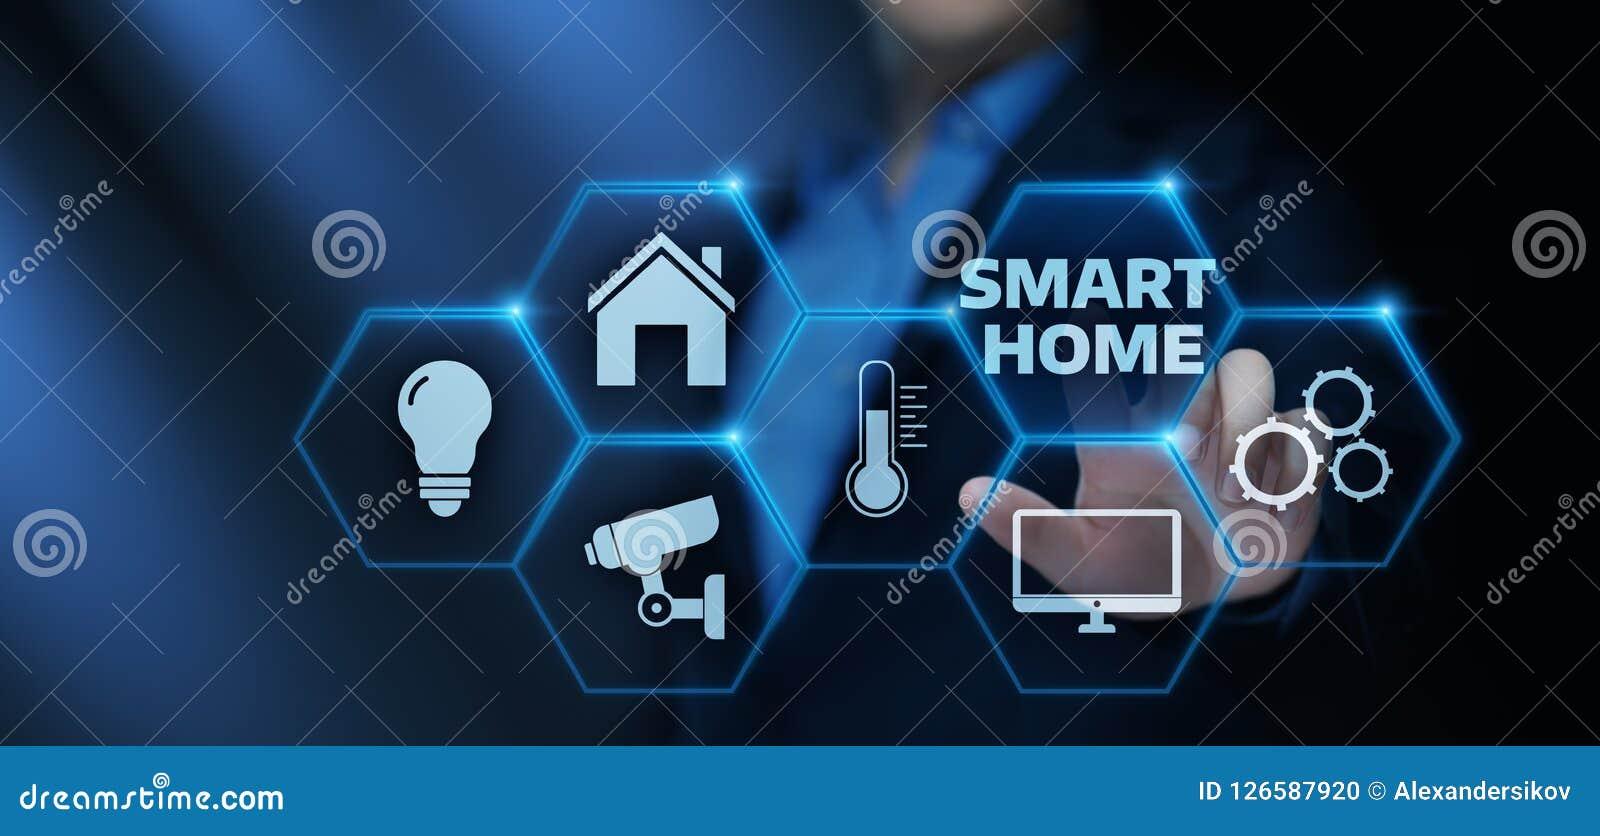 聪明的家庭自动化控制系统 创新技术互联网概念